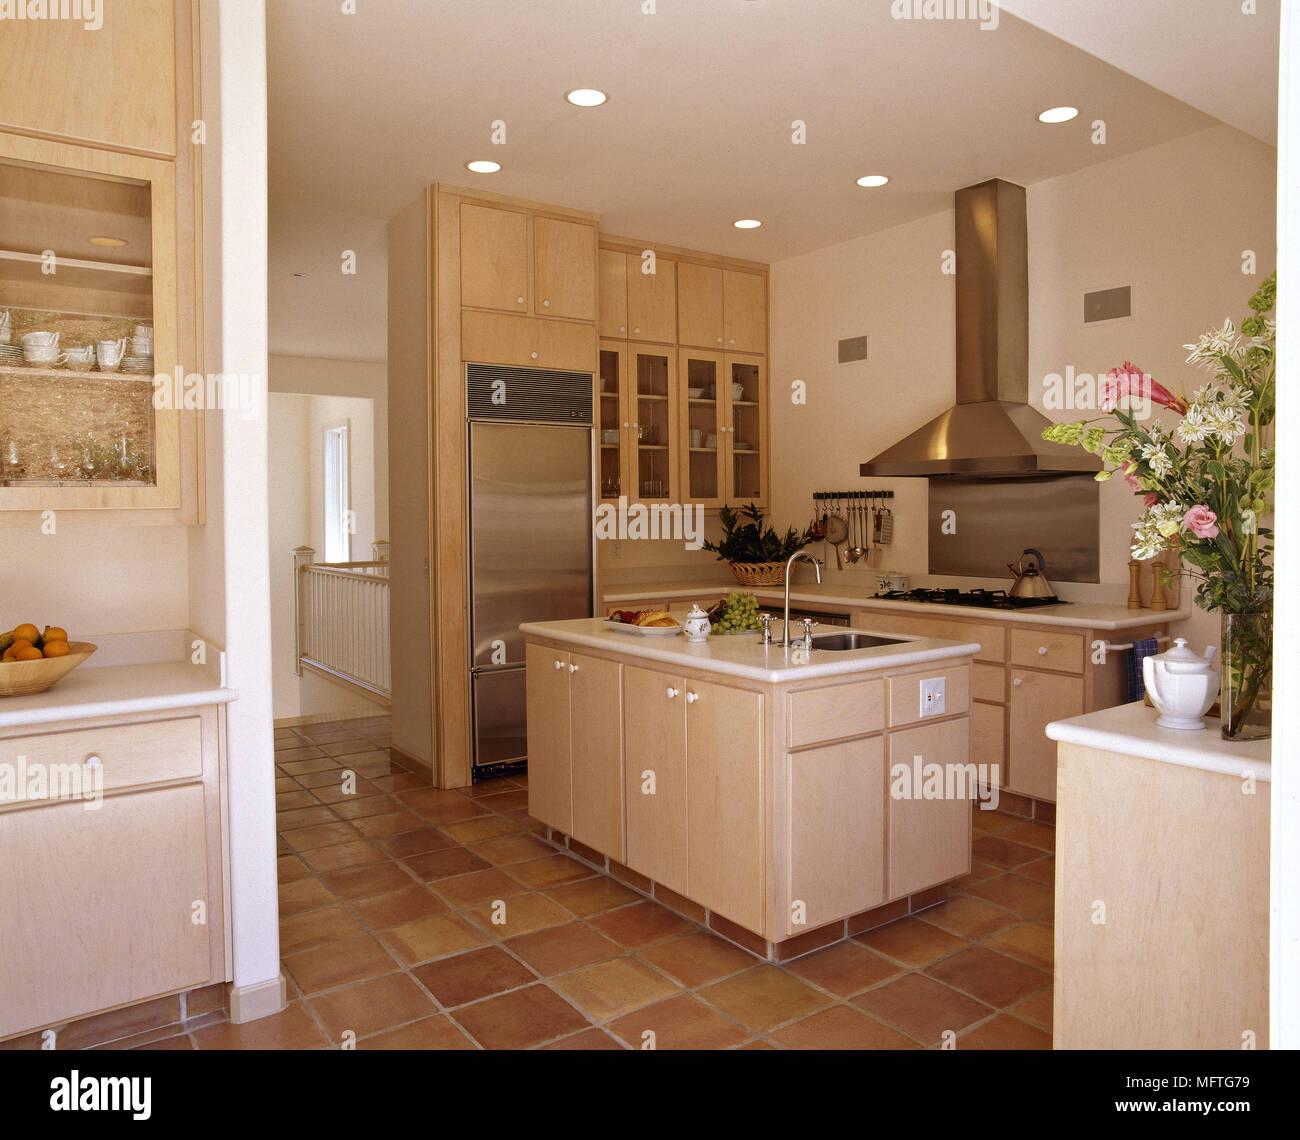 Cucina moderna con isola centrale unit unit di legno for Isola cucina legno